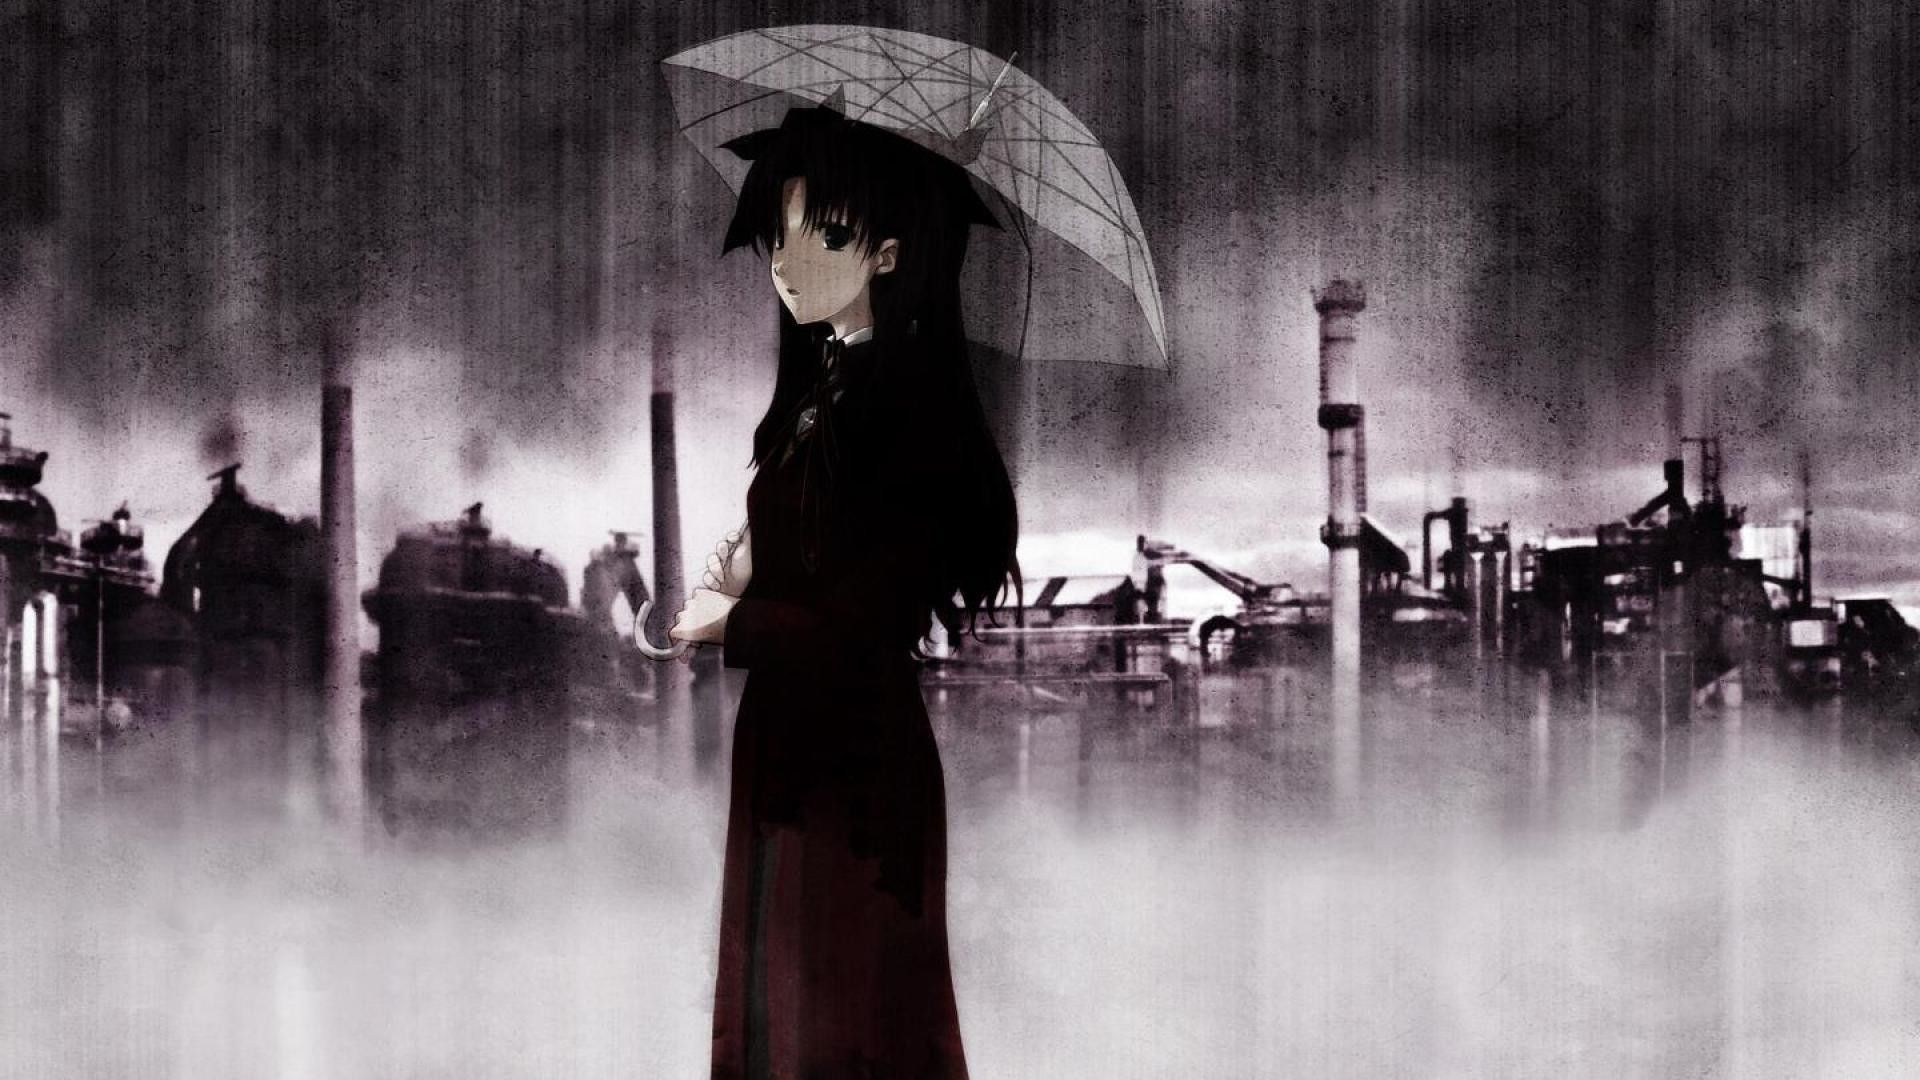 Rain Sad Anime Wallpapers Top Free Rain Sad Anime Backgrounds